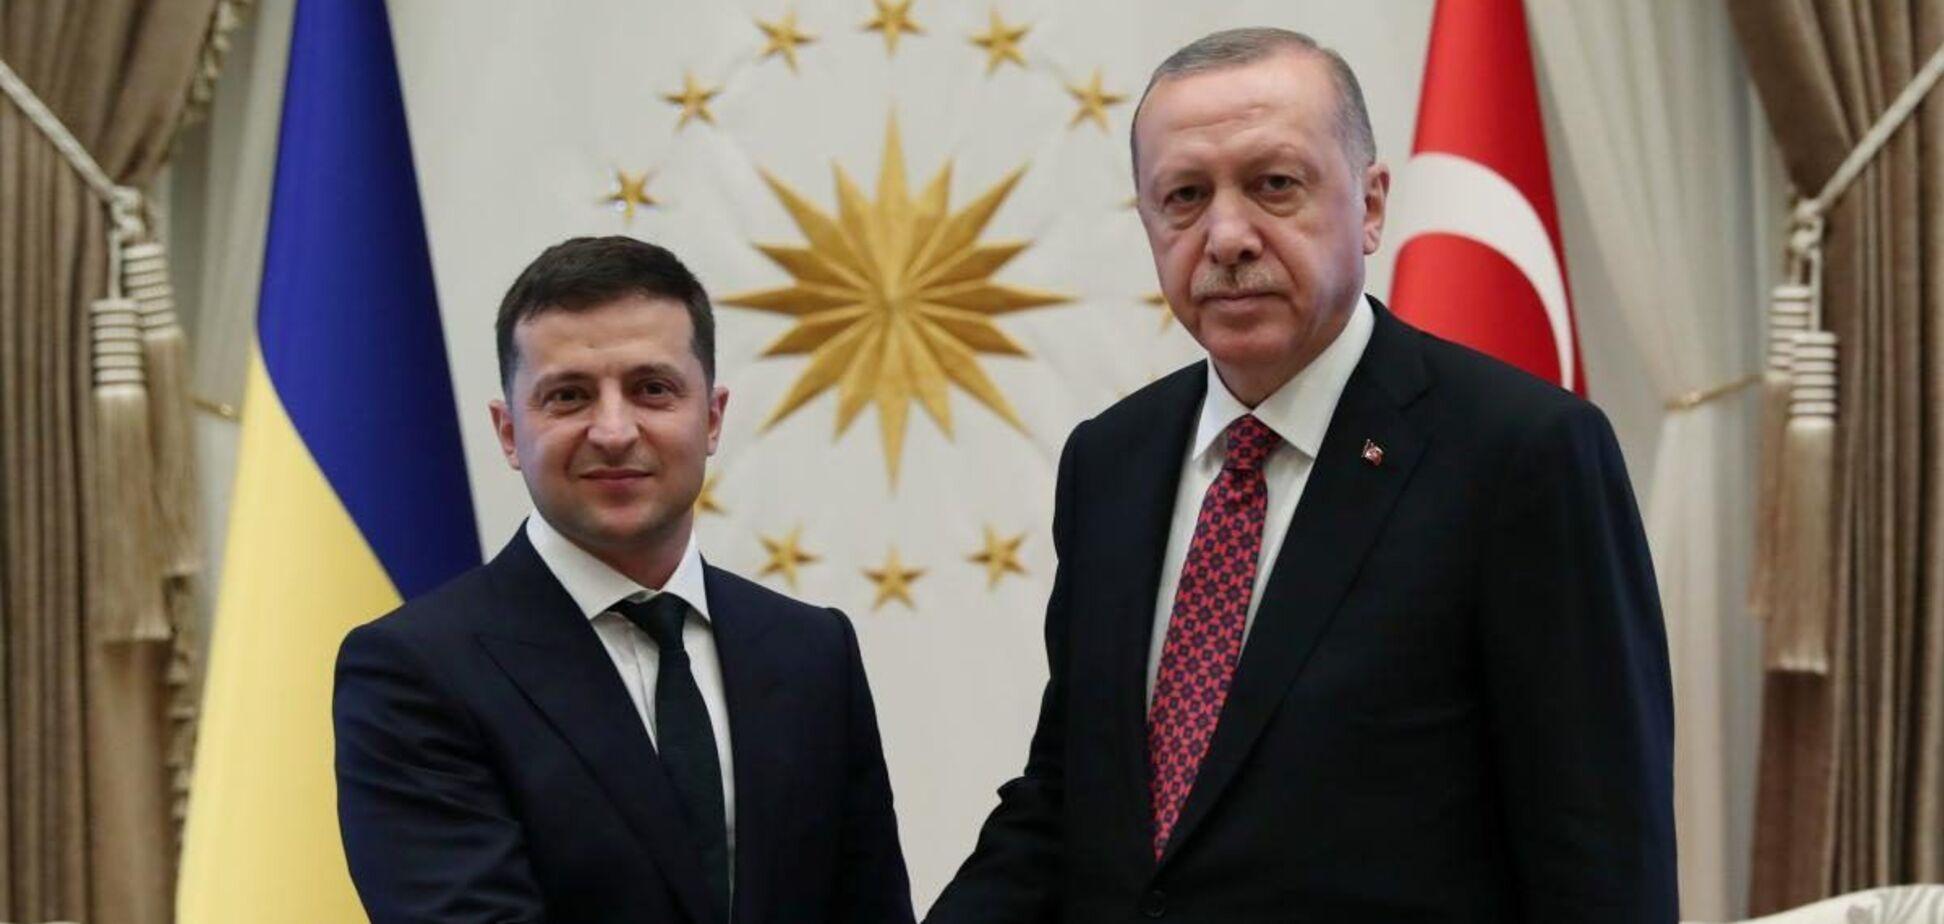 Эрдоган занял проукраинскую позицию в период обострения ситуации на Донбассе